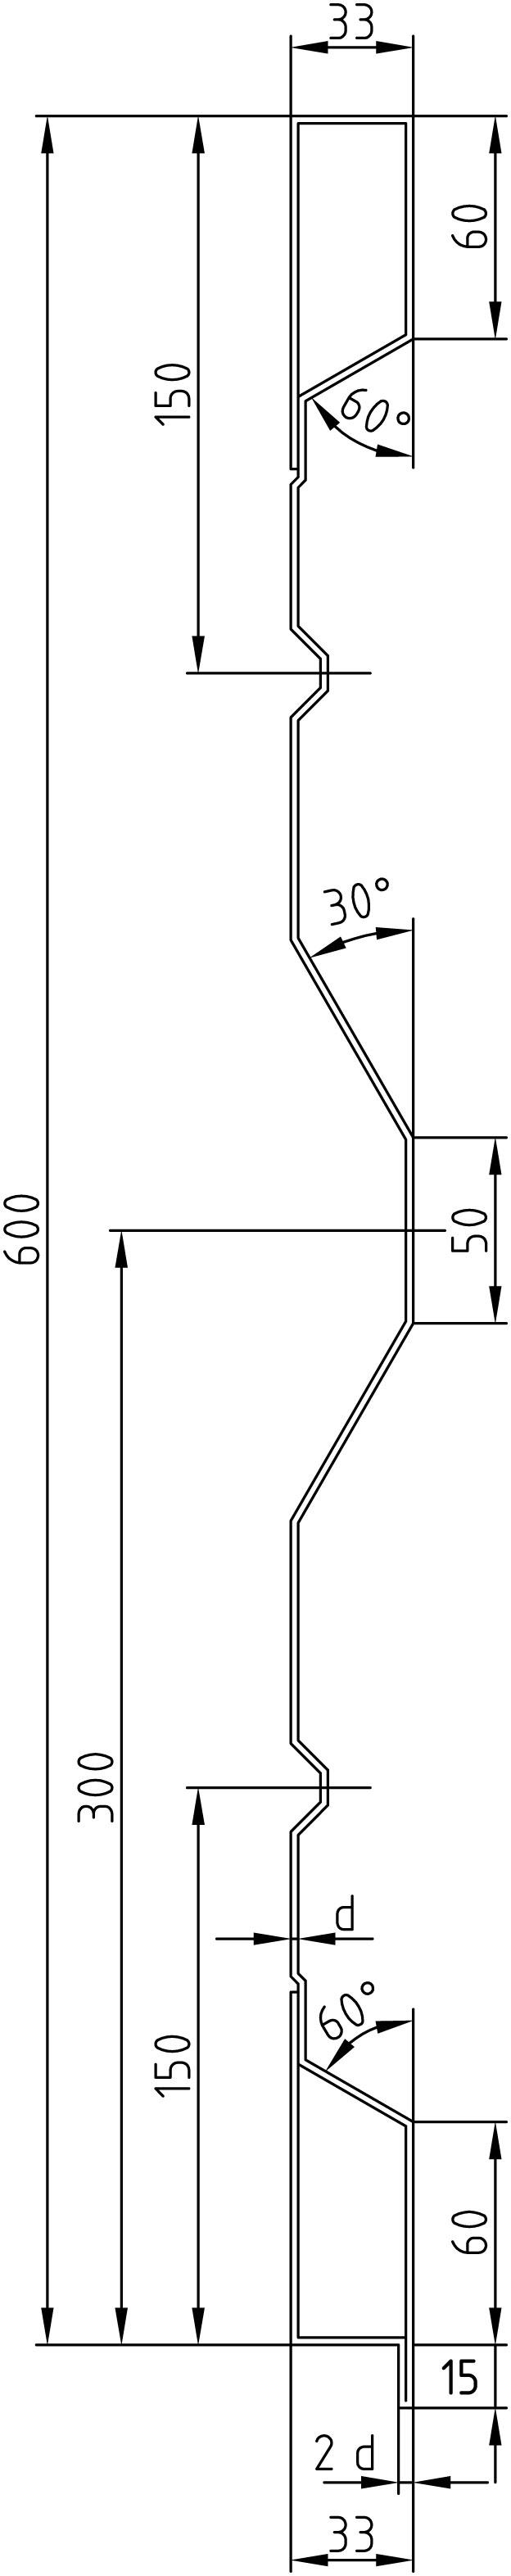 Brantner Kipper und Anhänger - NmE HVN 600x2 2053 Winkel NP 40/20/5